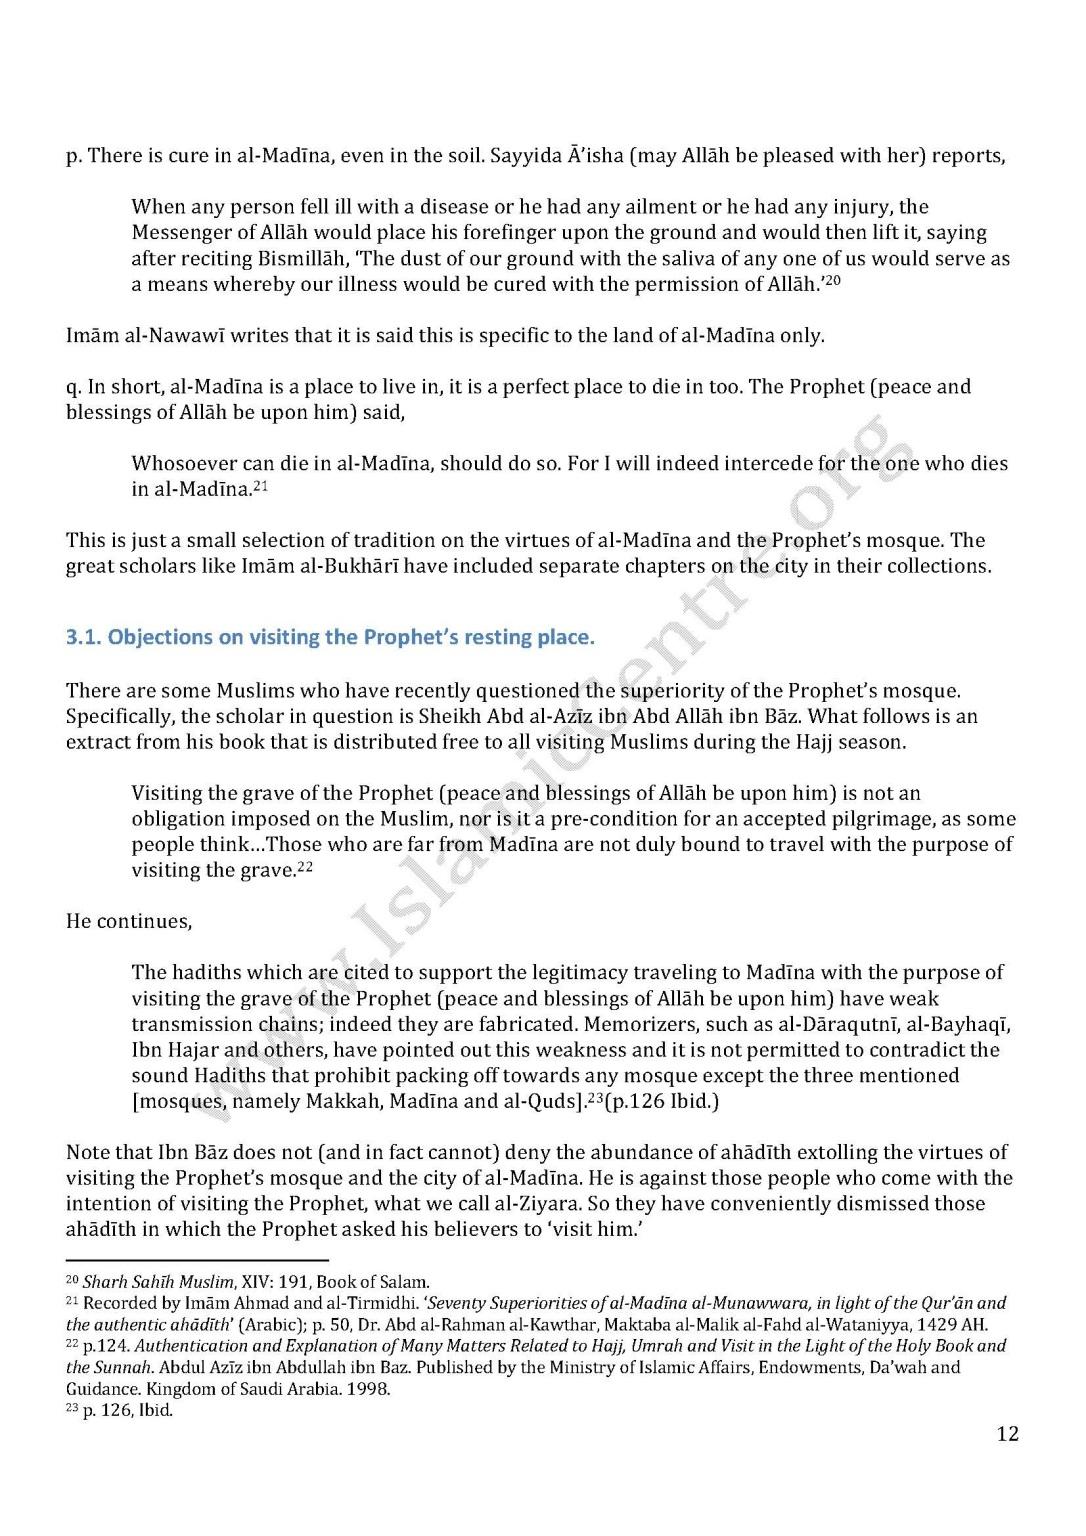 HistoryofMasjidNabawi_Page_12